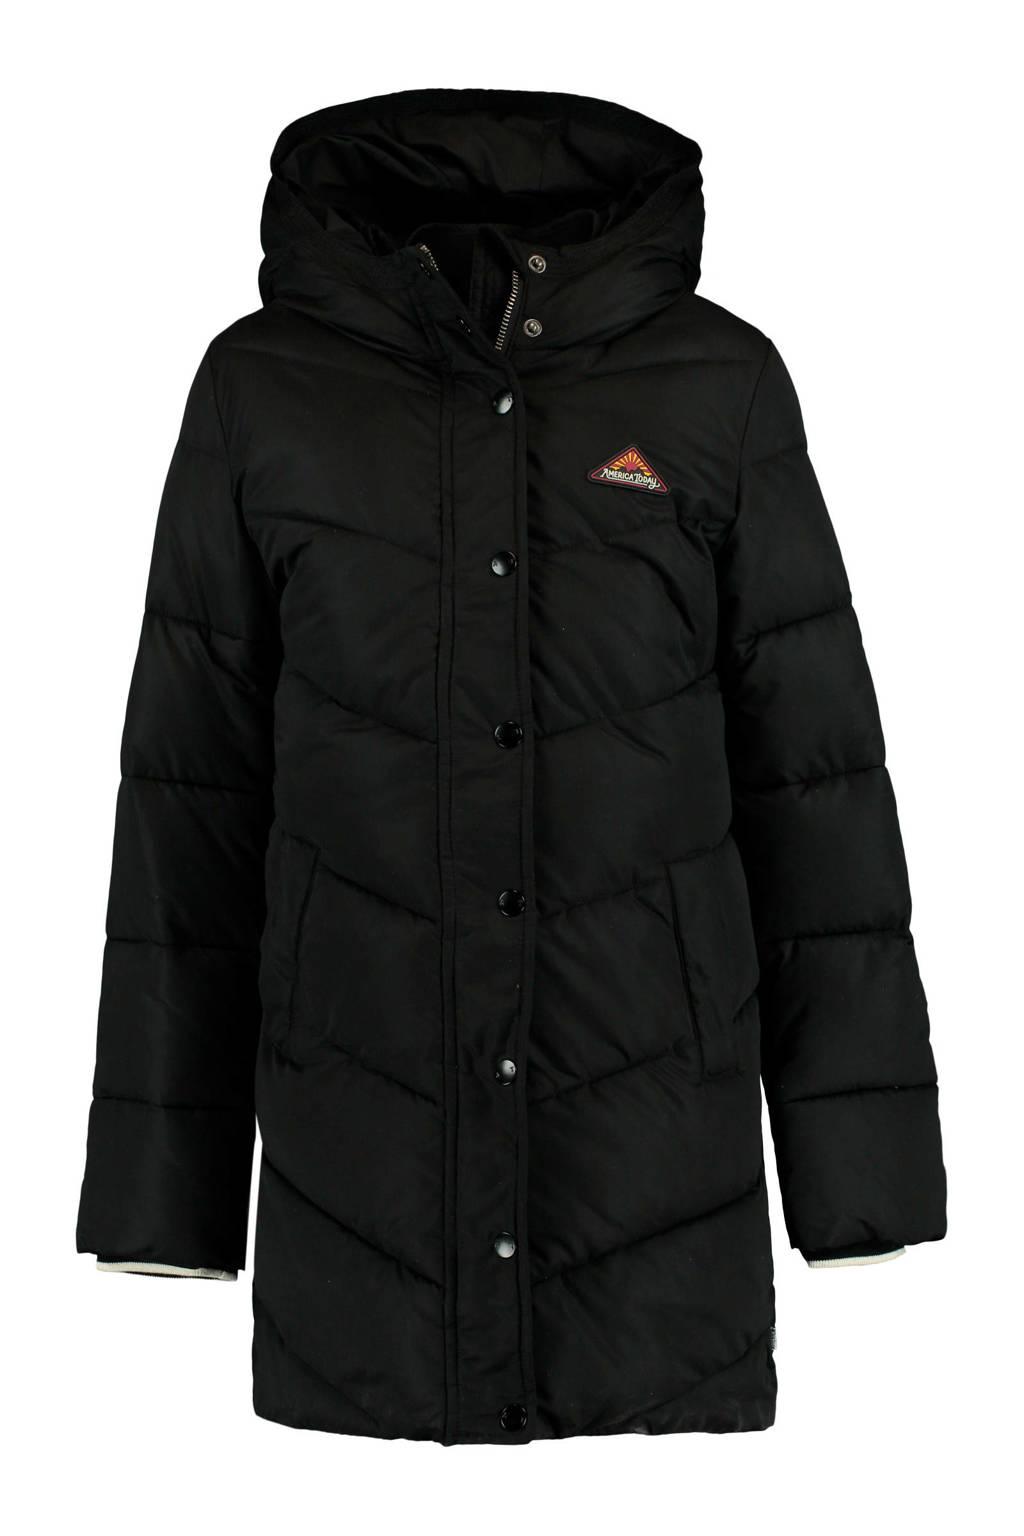 America Today Junior gewatteerde winterjas Jules zwart, Zwart